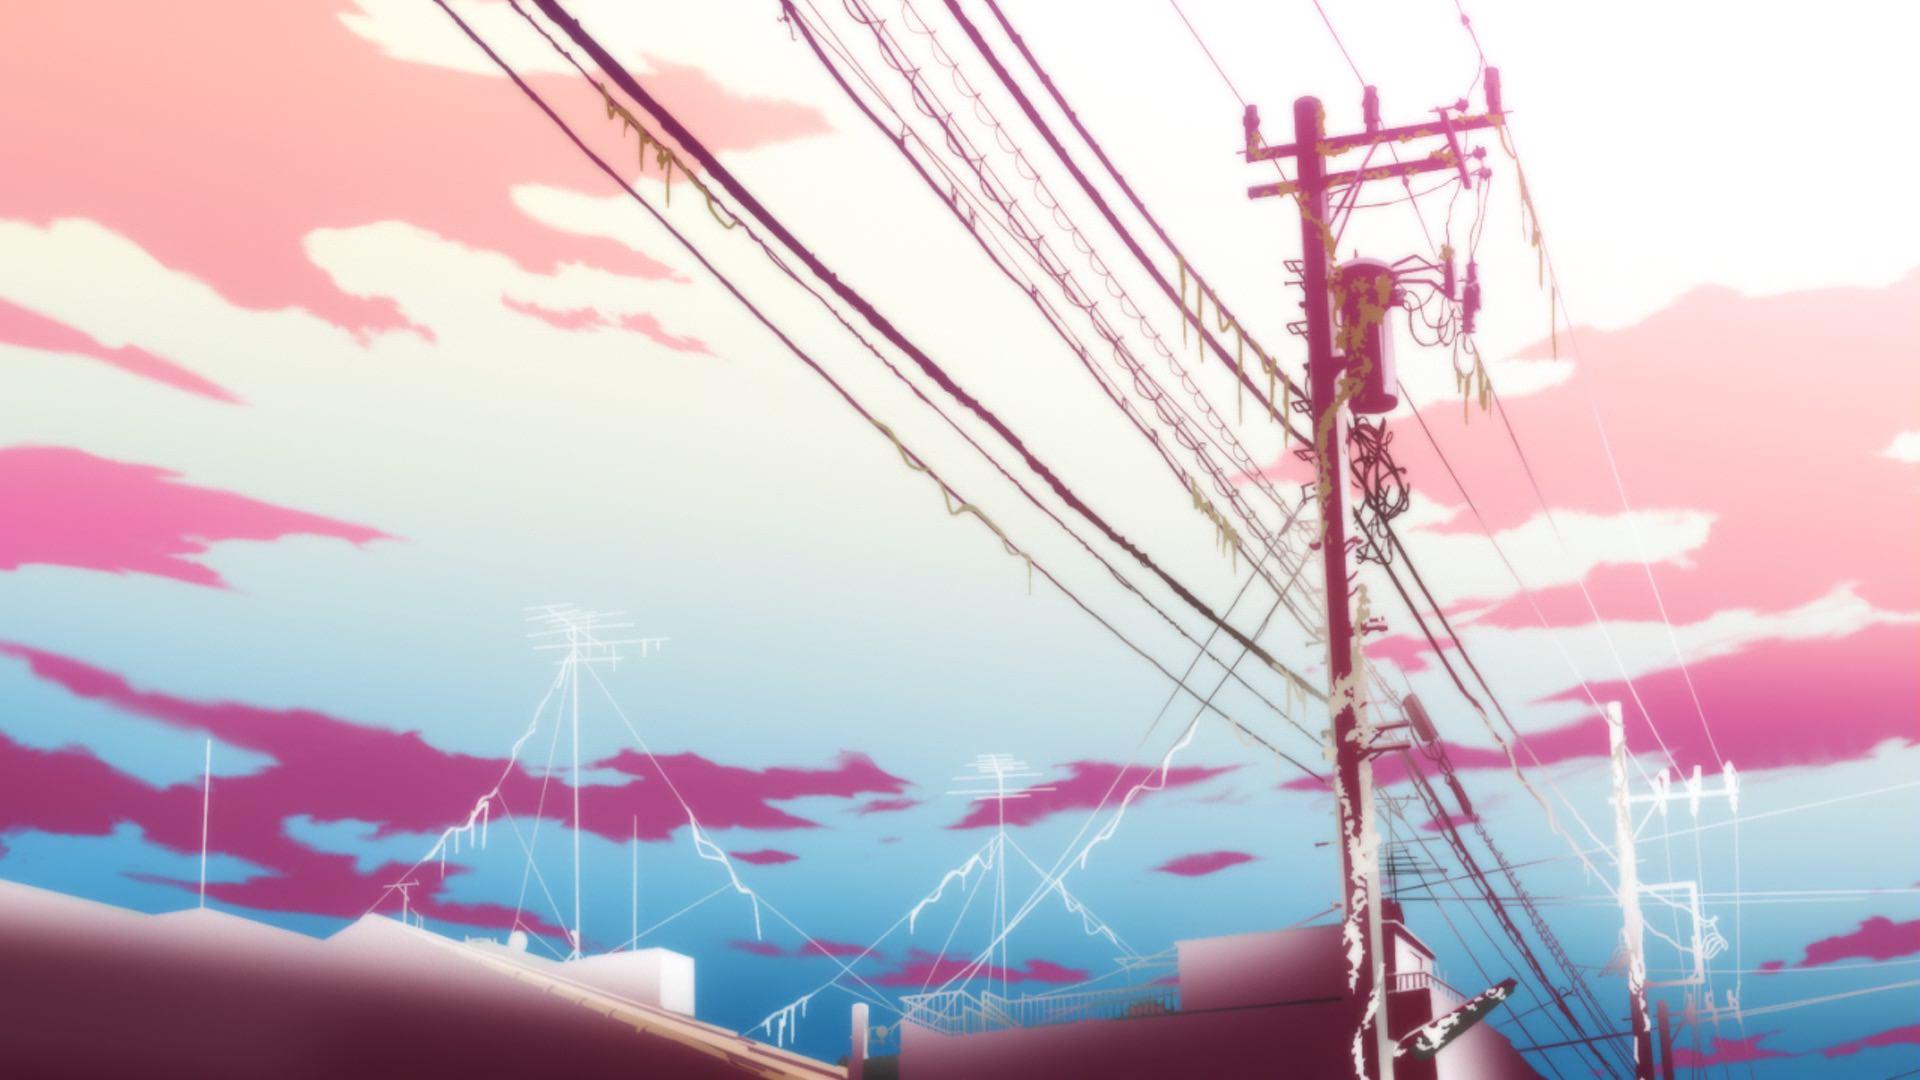 s02e09 - Mayoi Kyonshī Sono Yon